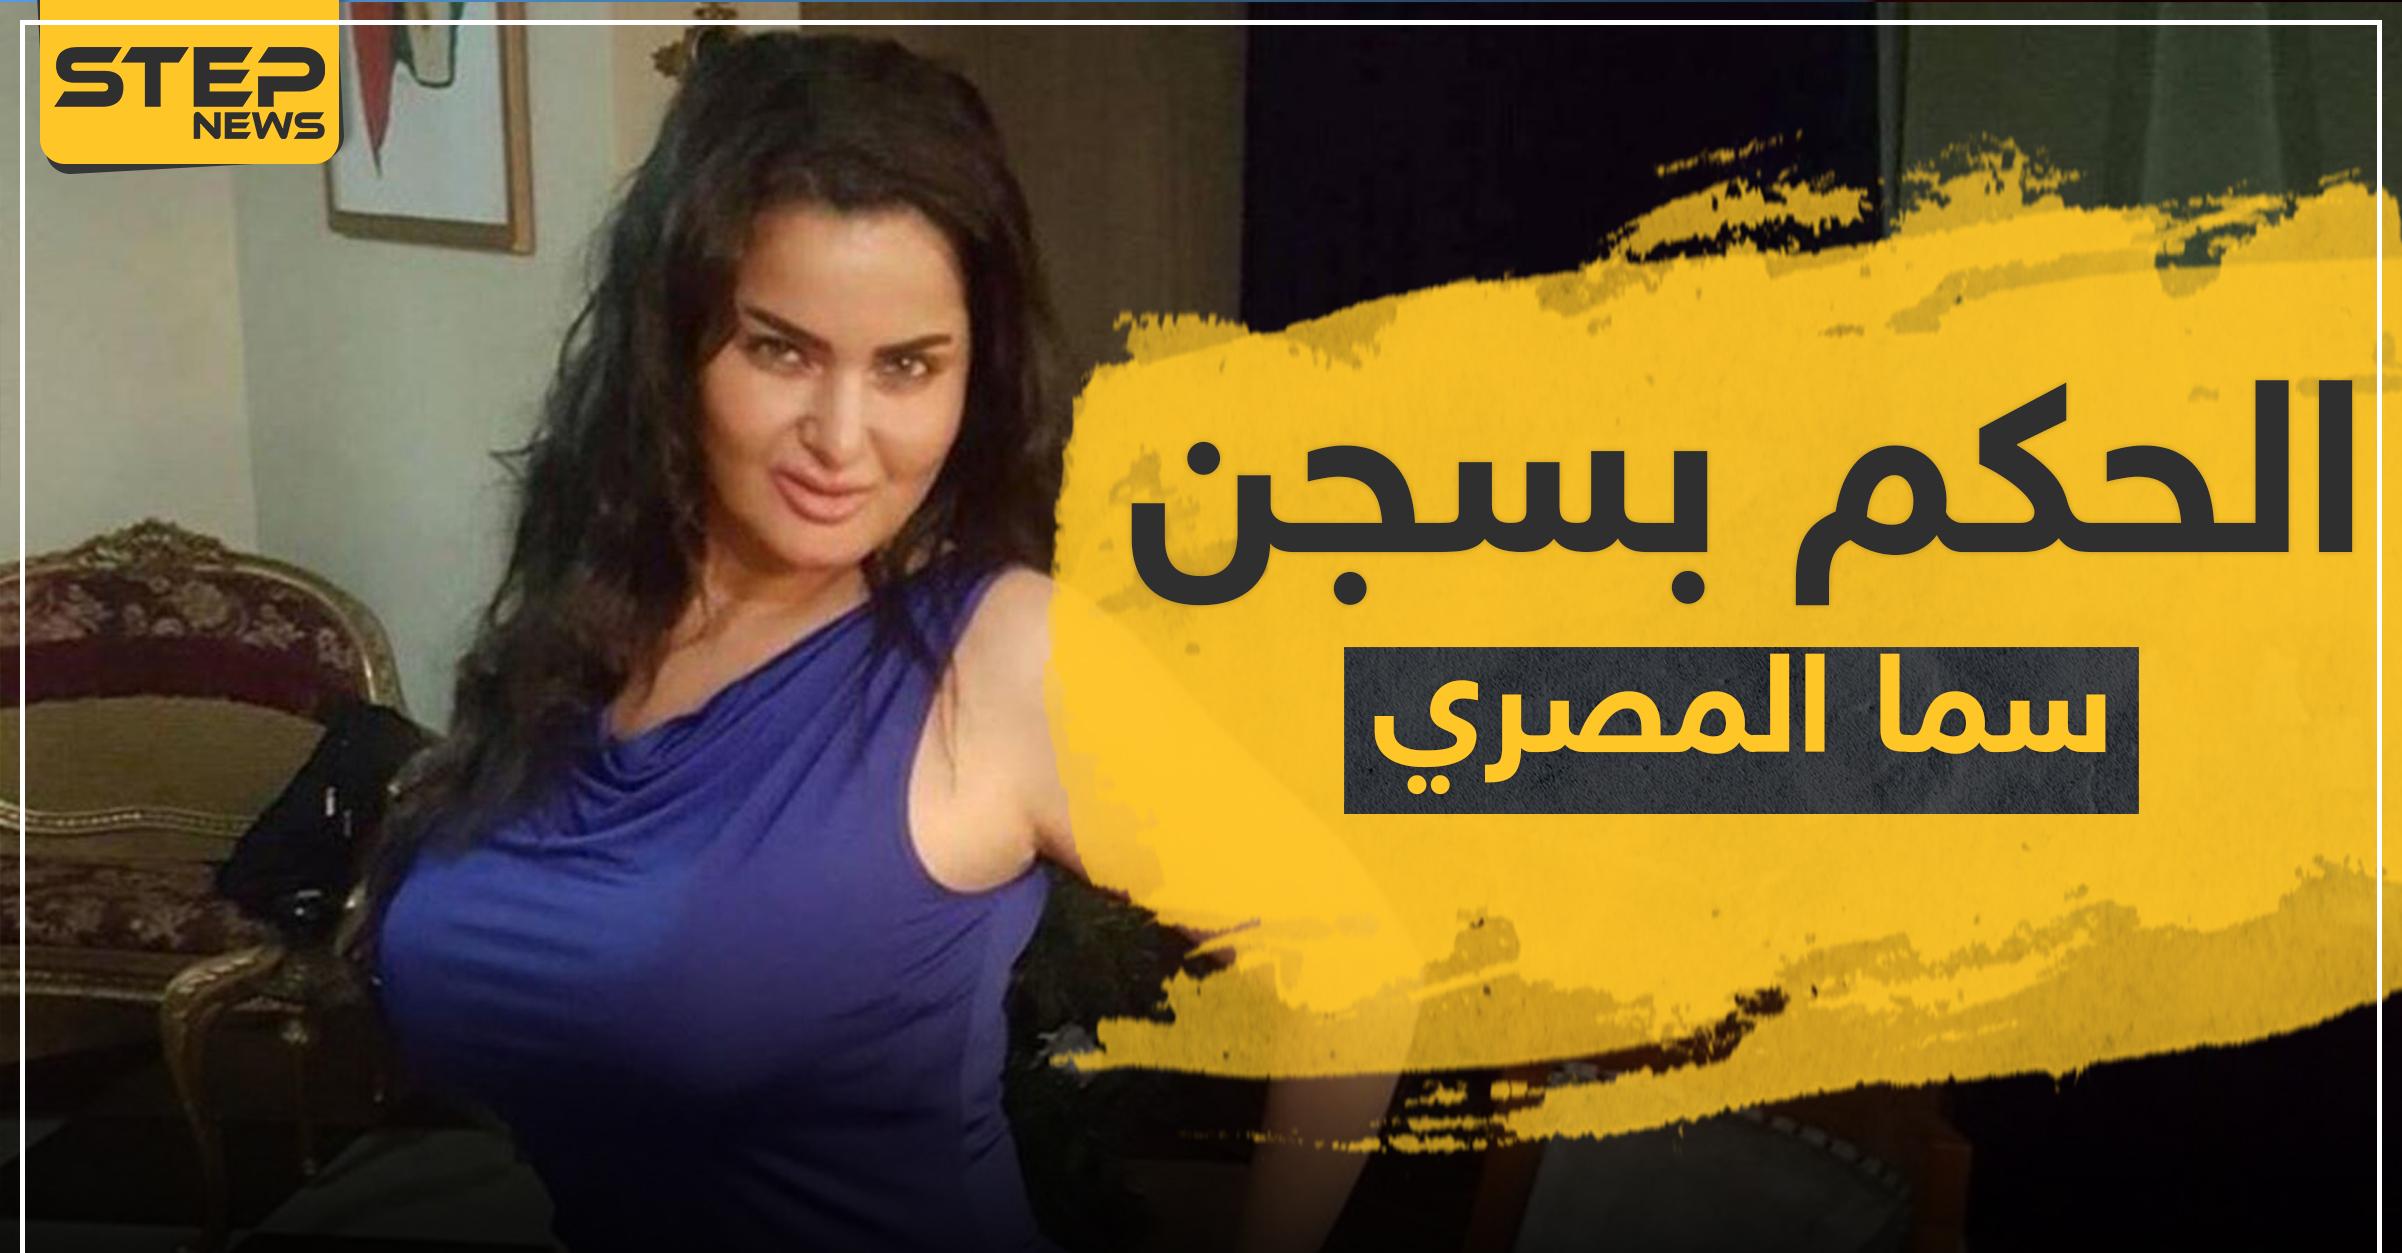 لتحريضها على الفسق.. الحكم بالسجن لـ سما المصري وغرامة مالية كبيرة